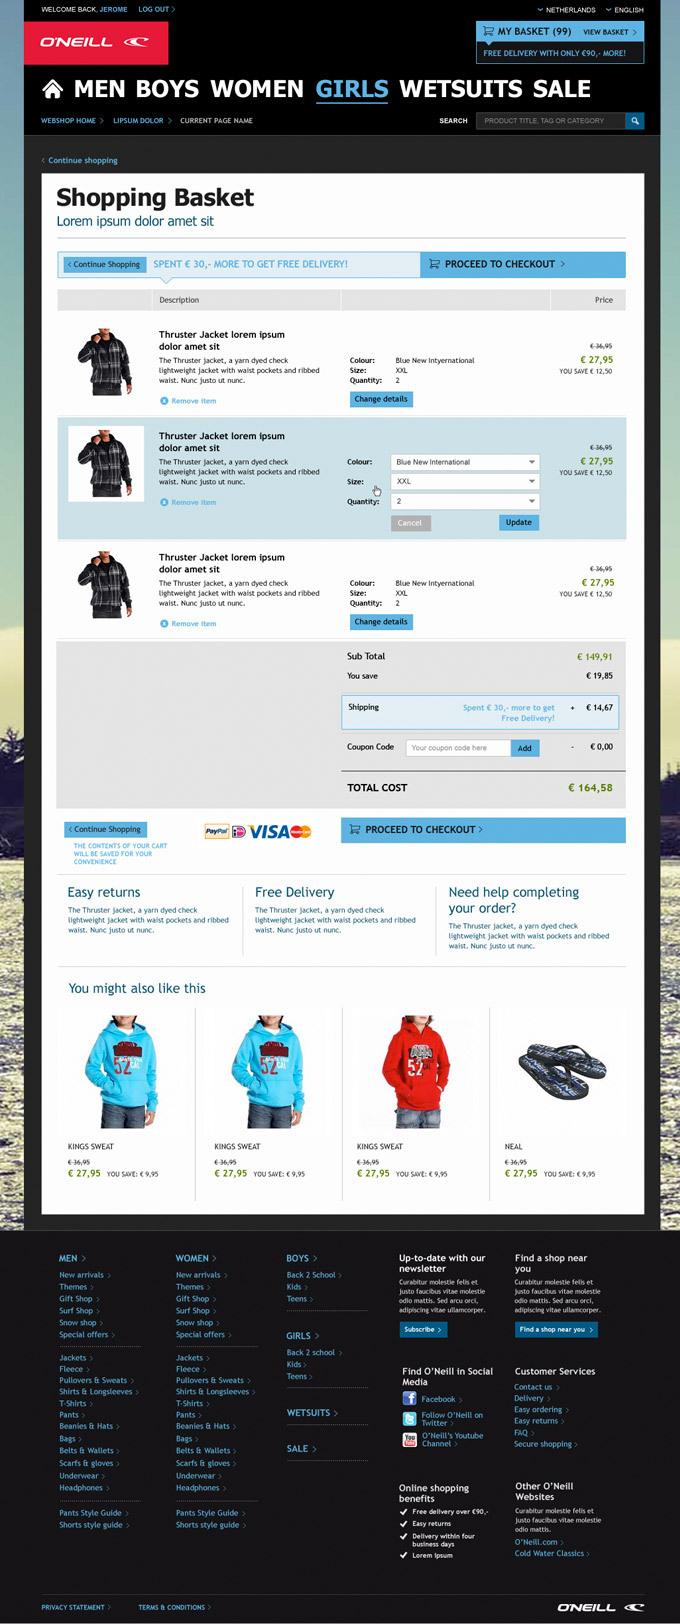 Afbeelding 6 van 7 - O'Neill global webshop re-design - Winkelwagen pagina